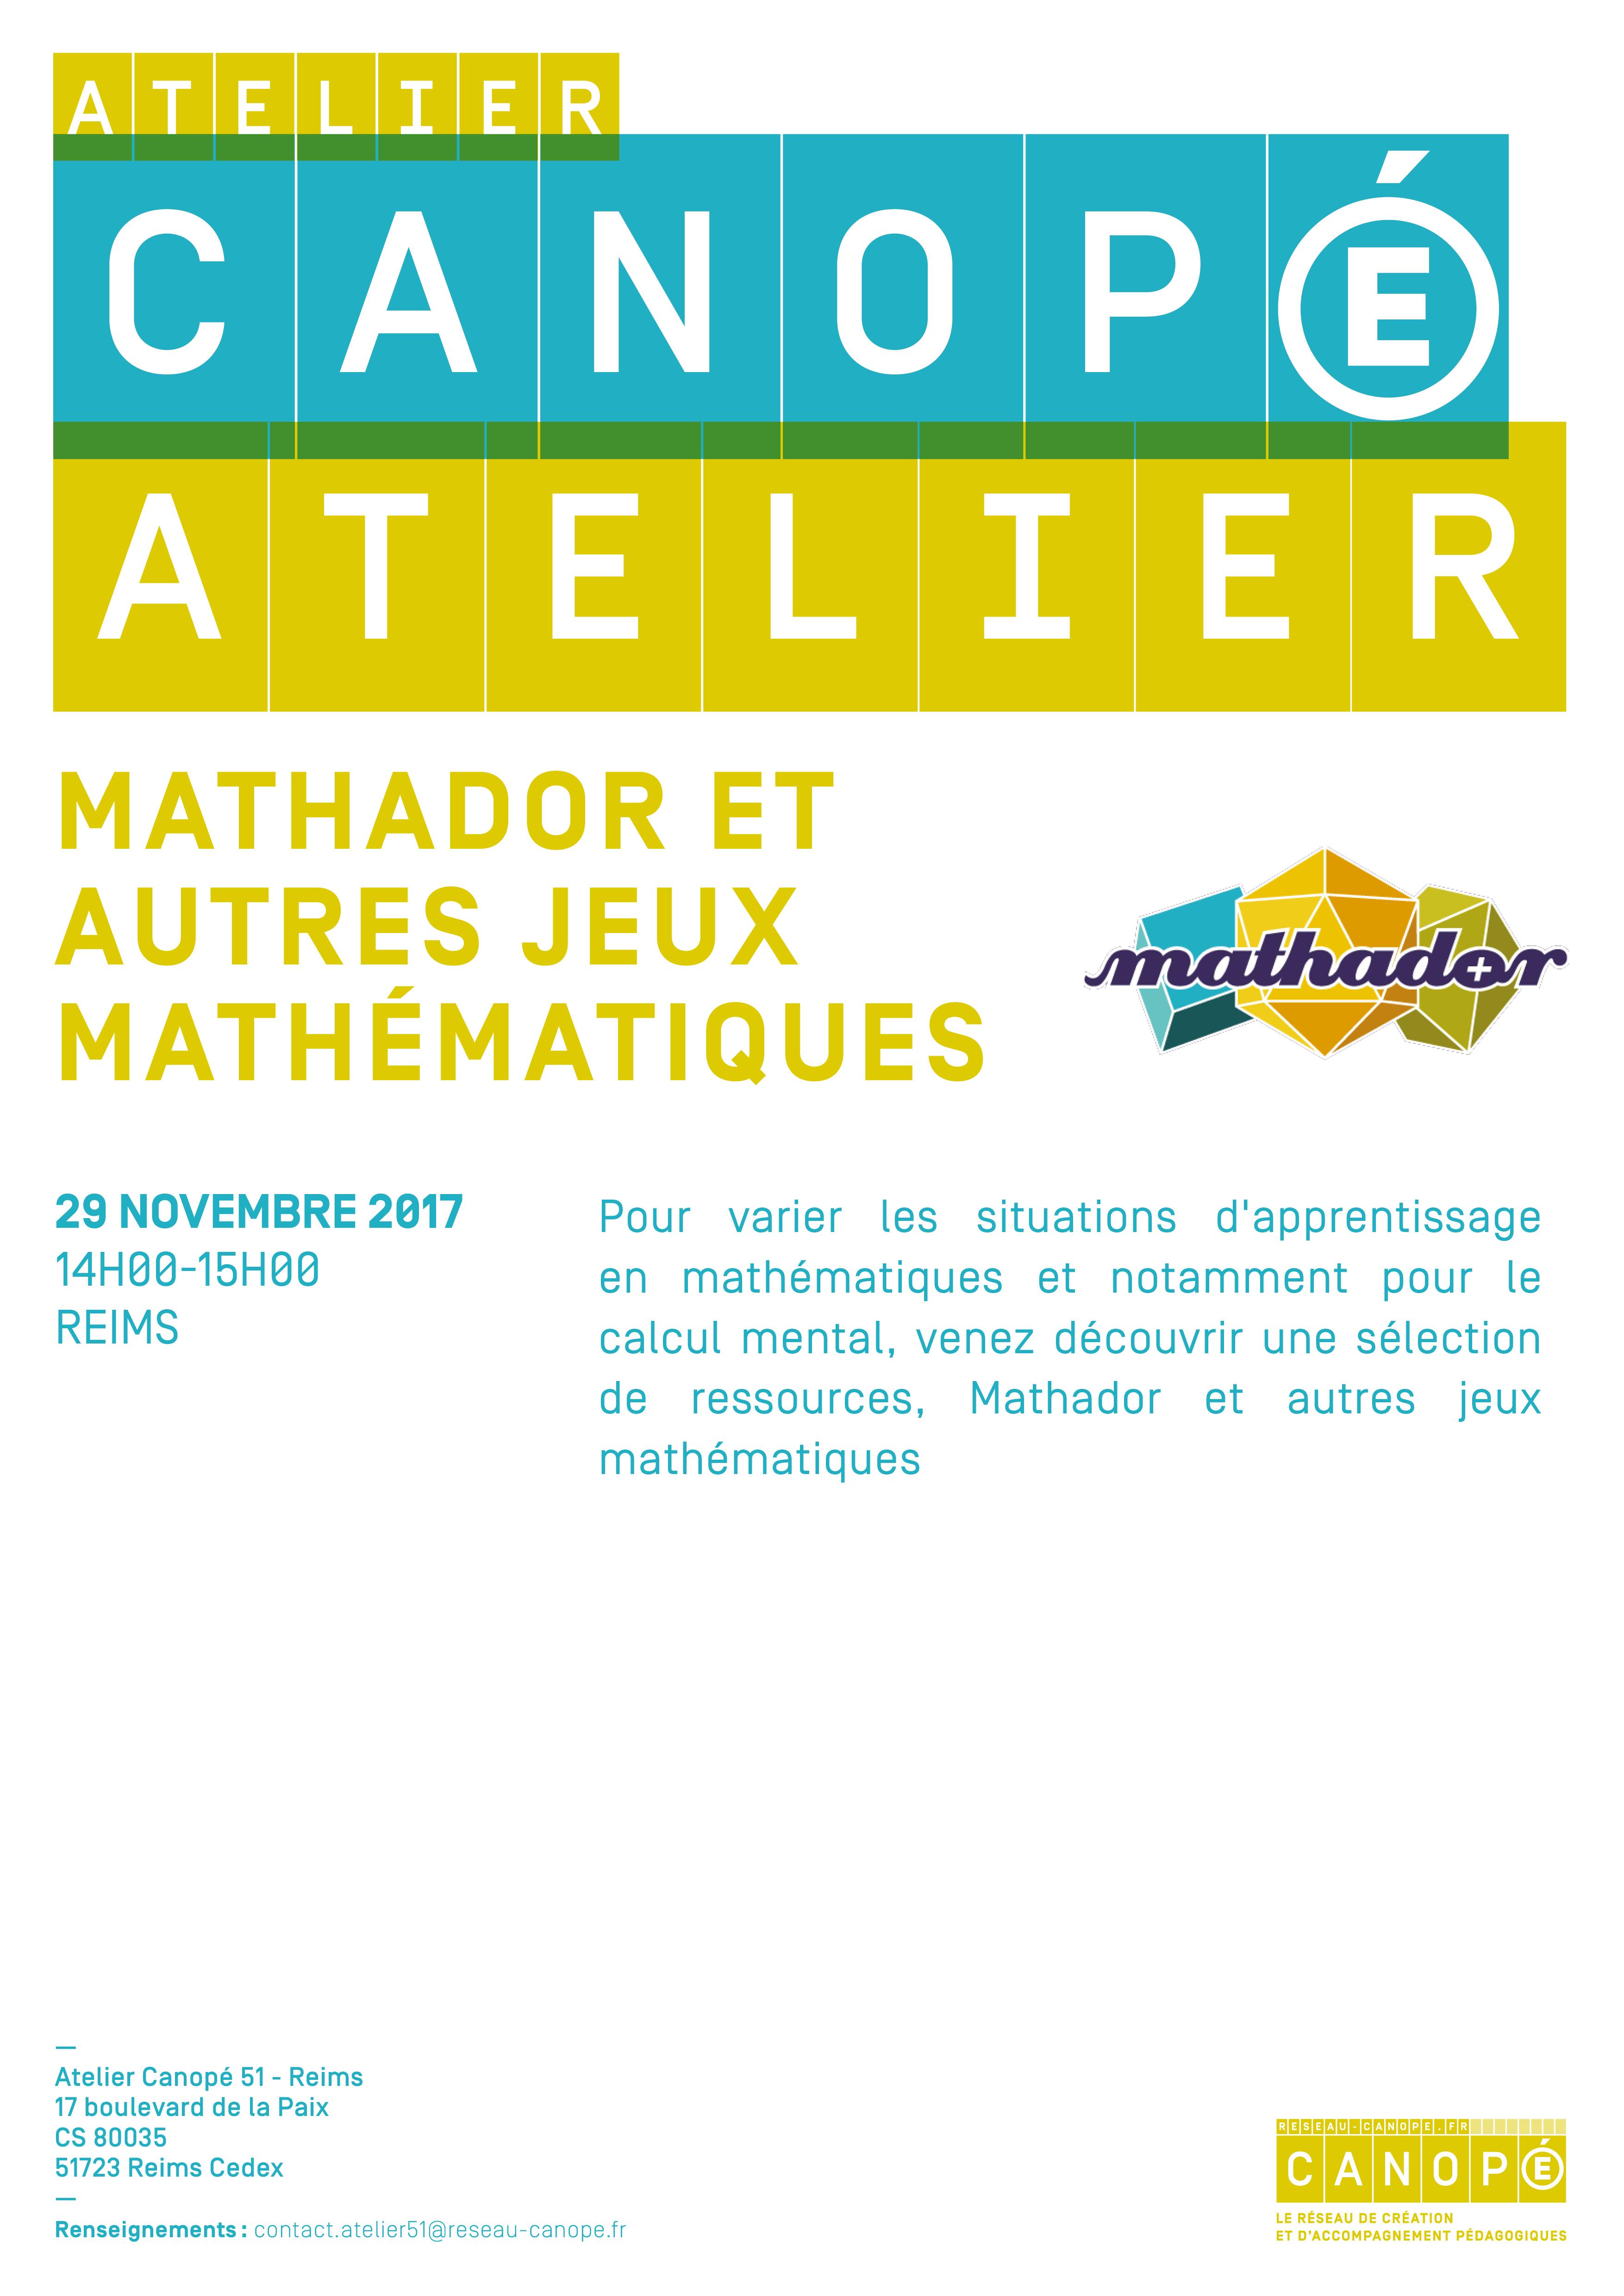 Mathador et autres jeux mathématiques @ Atelier Canopé Reims